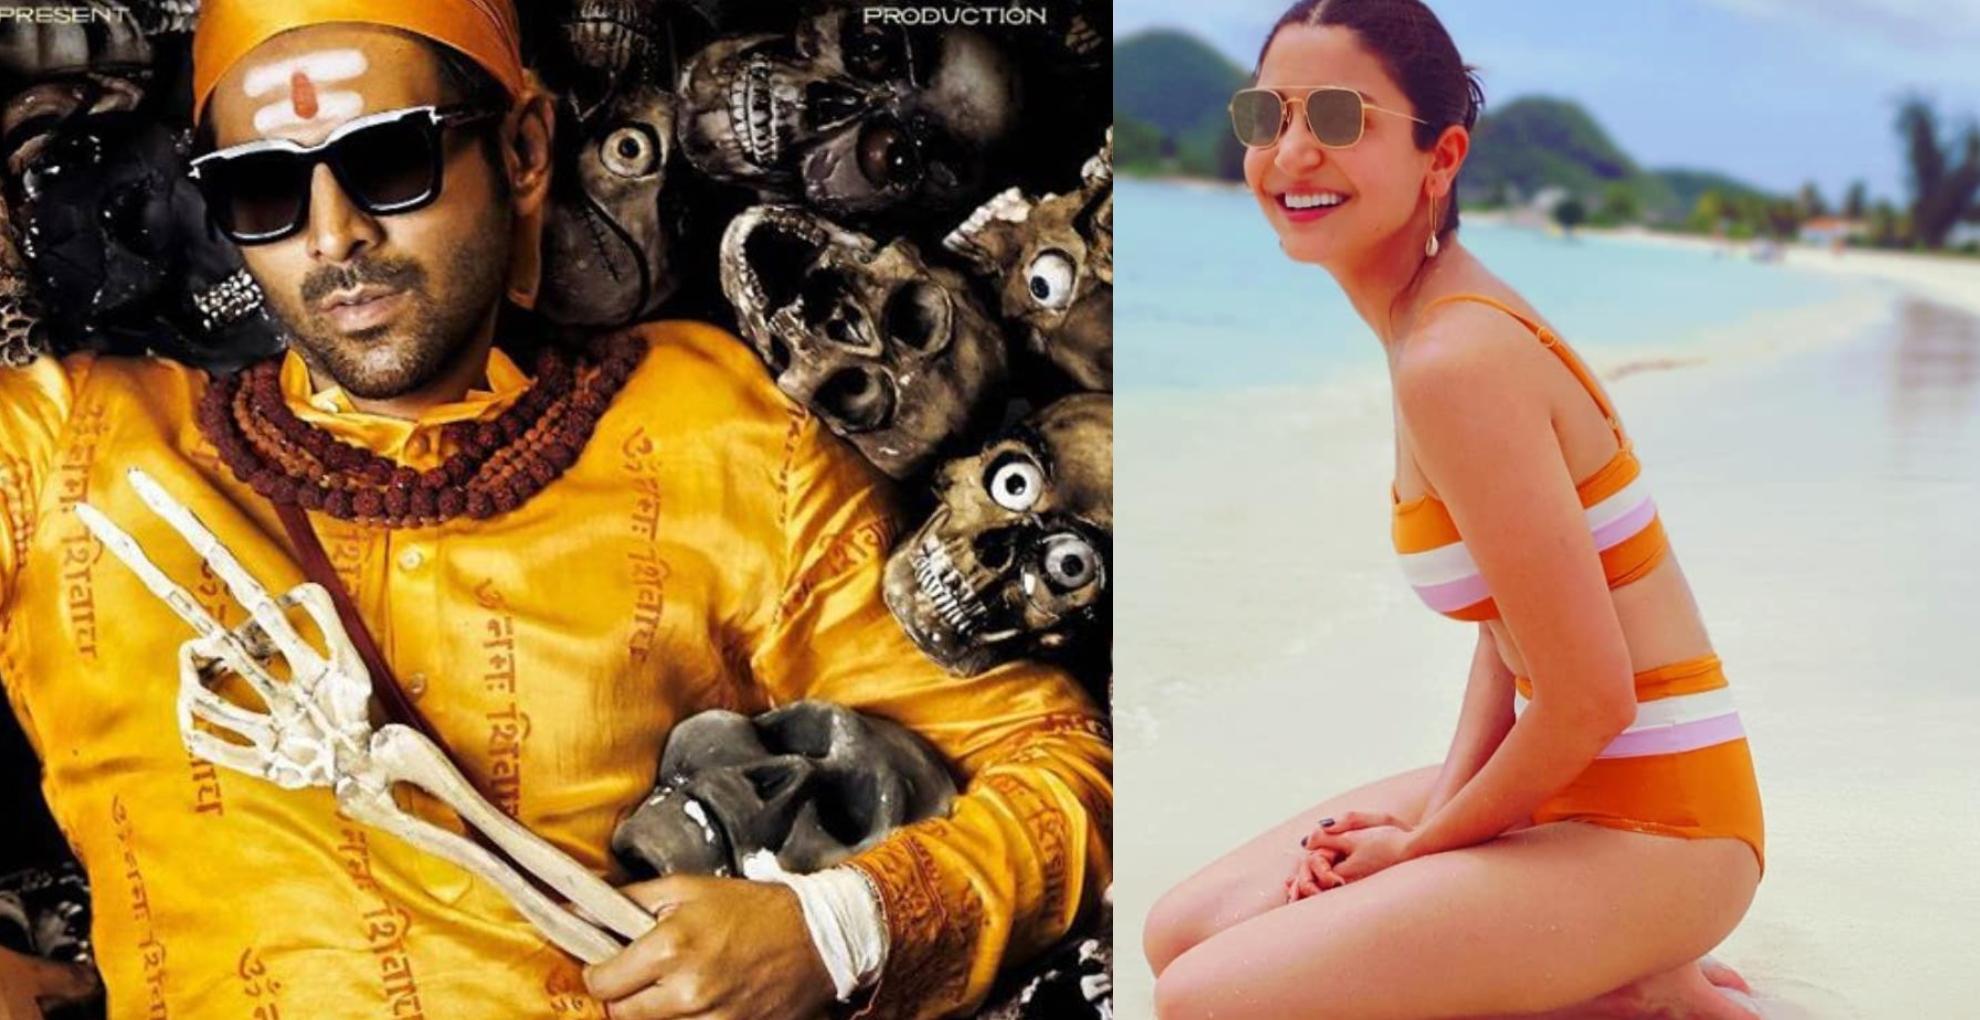 Newsmakers Of The Week Bollywood: भूल भूलैया 2 के लिए ट्रोल हुए कार्तिक आर्यन, इस हफ्ते छाए रहे ये स्टार